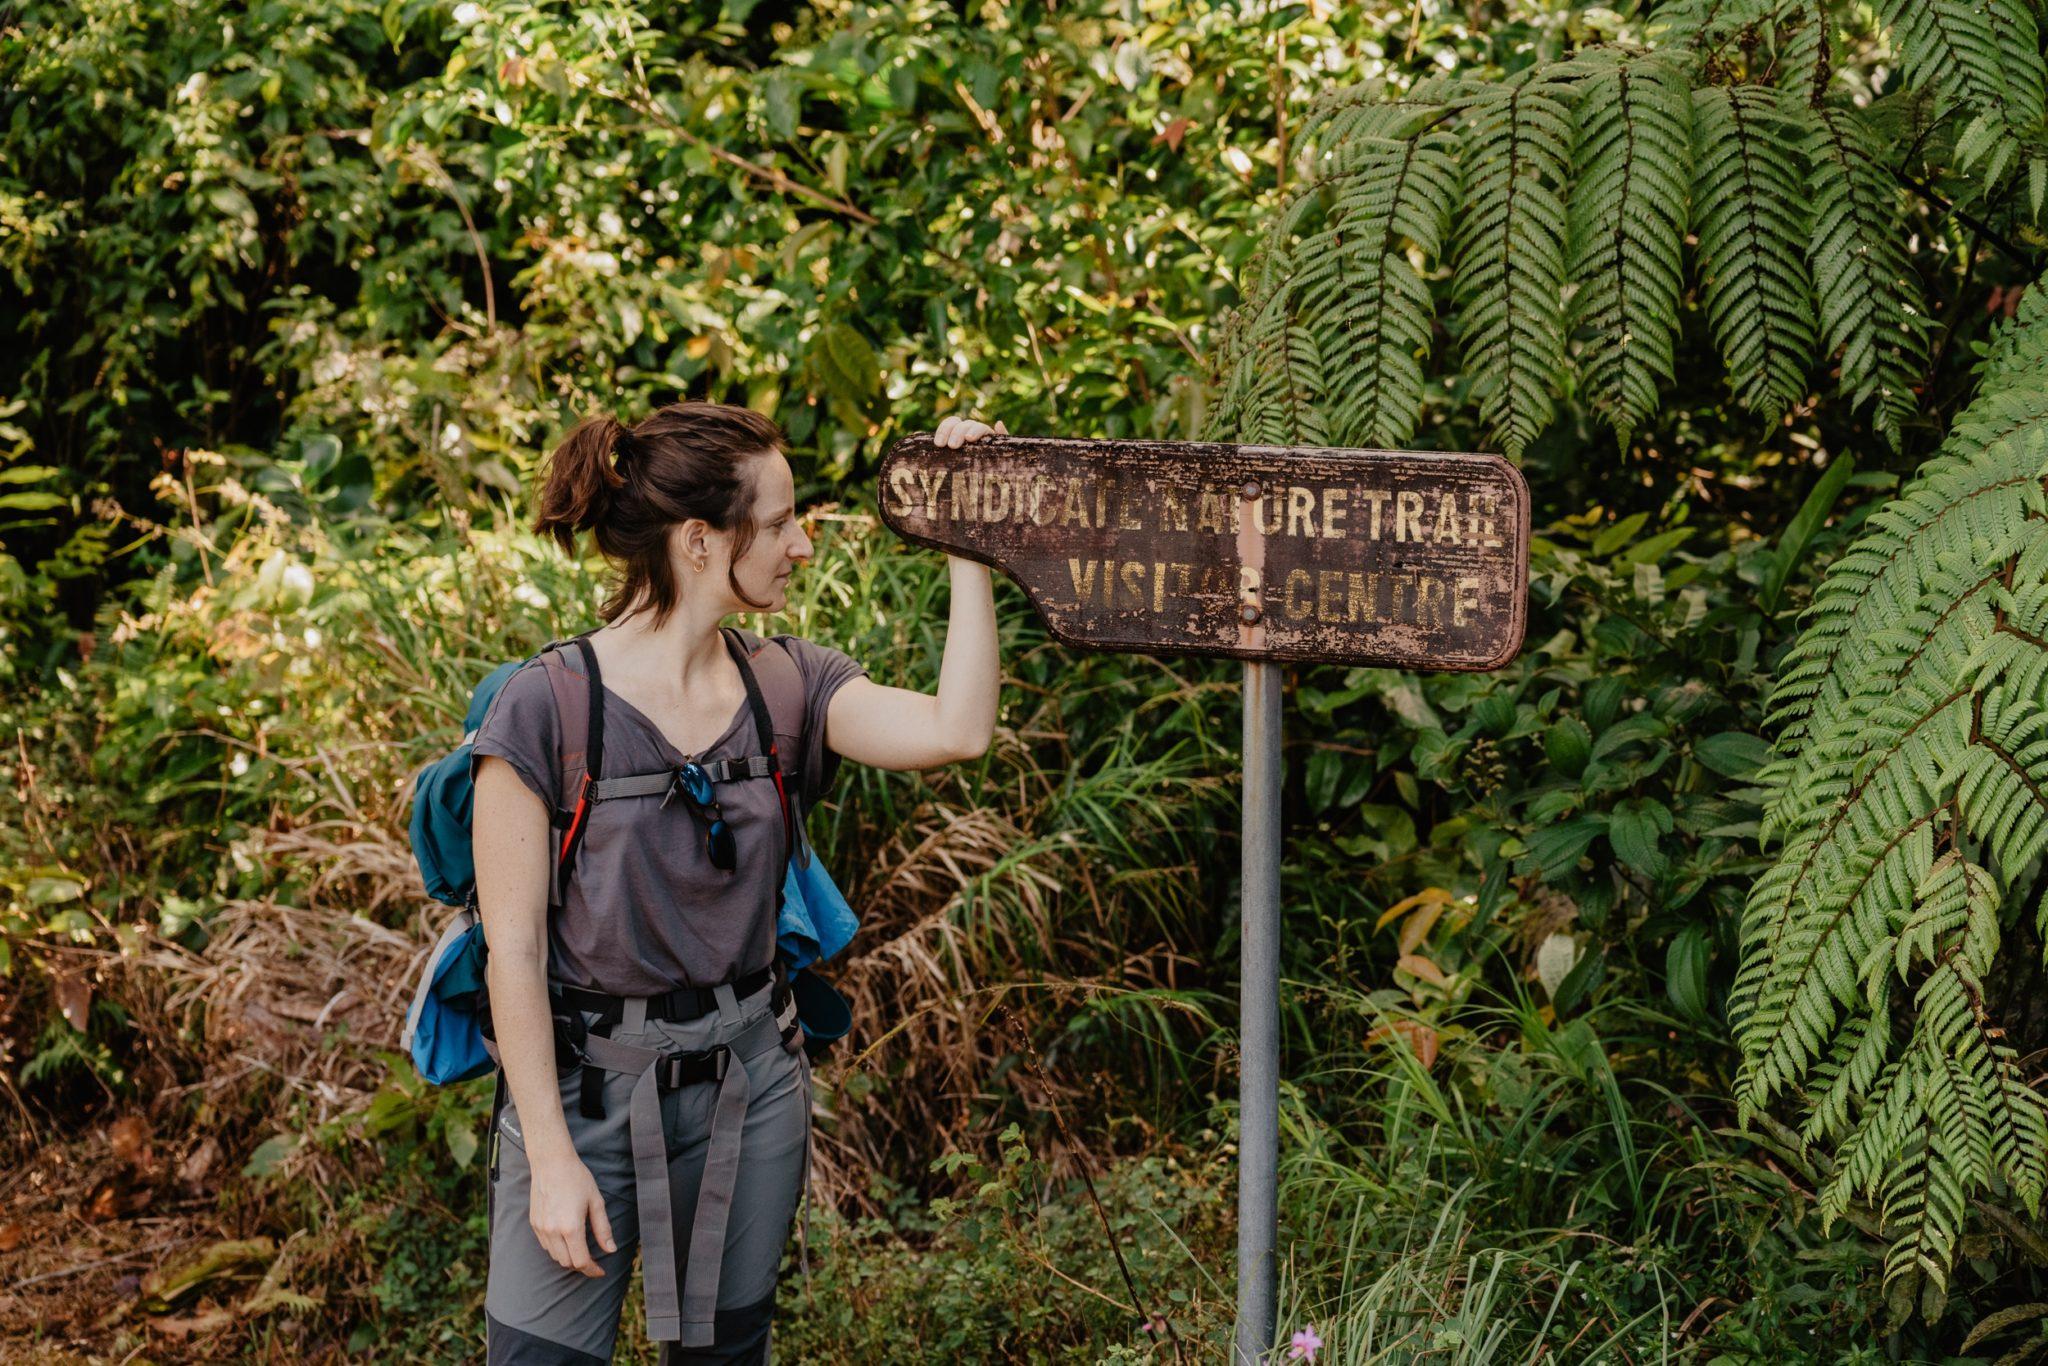 Syndicate Nature Trail, Morne Diablotin, Dominique